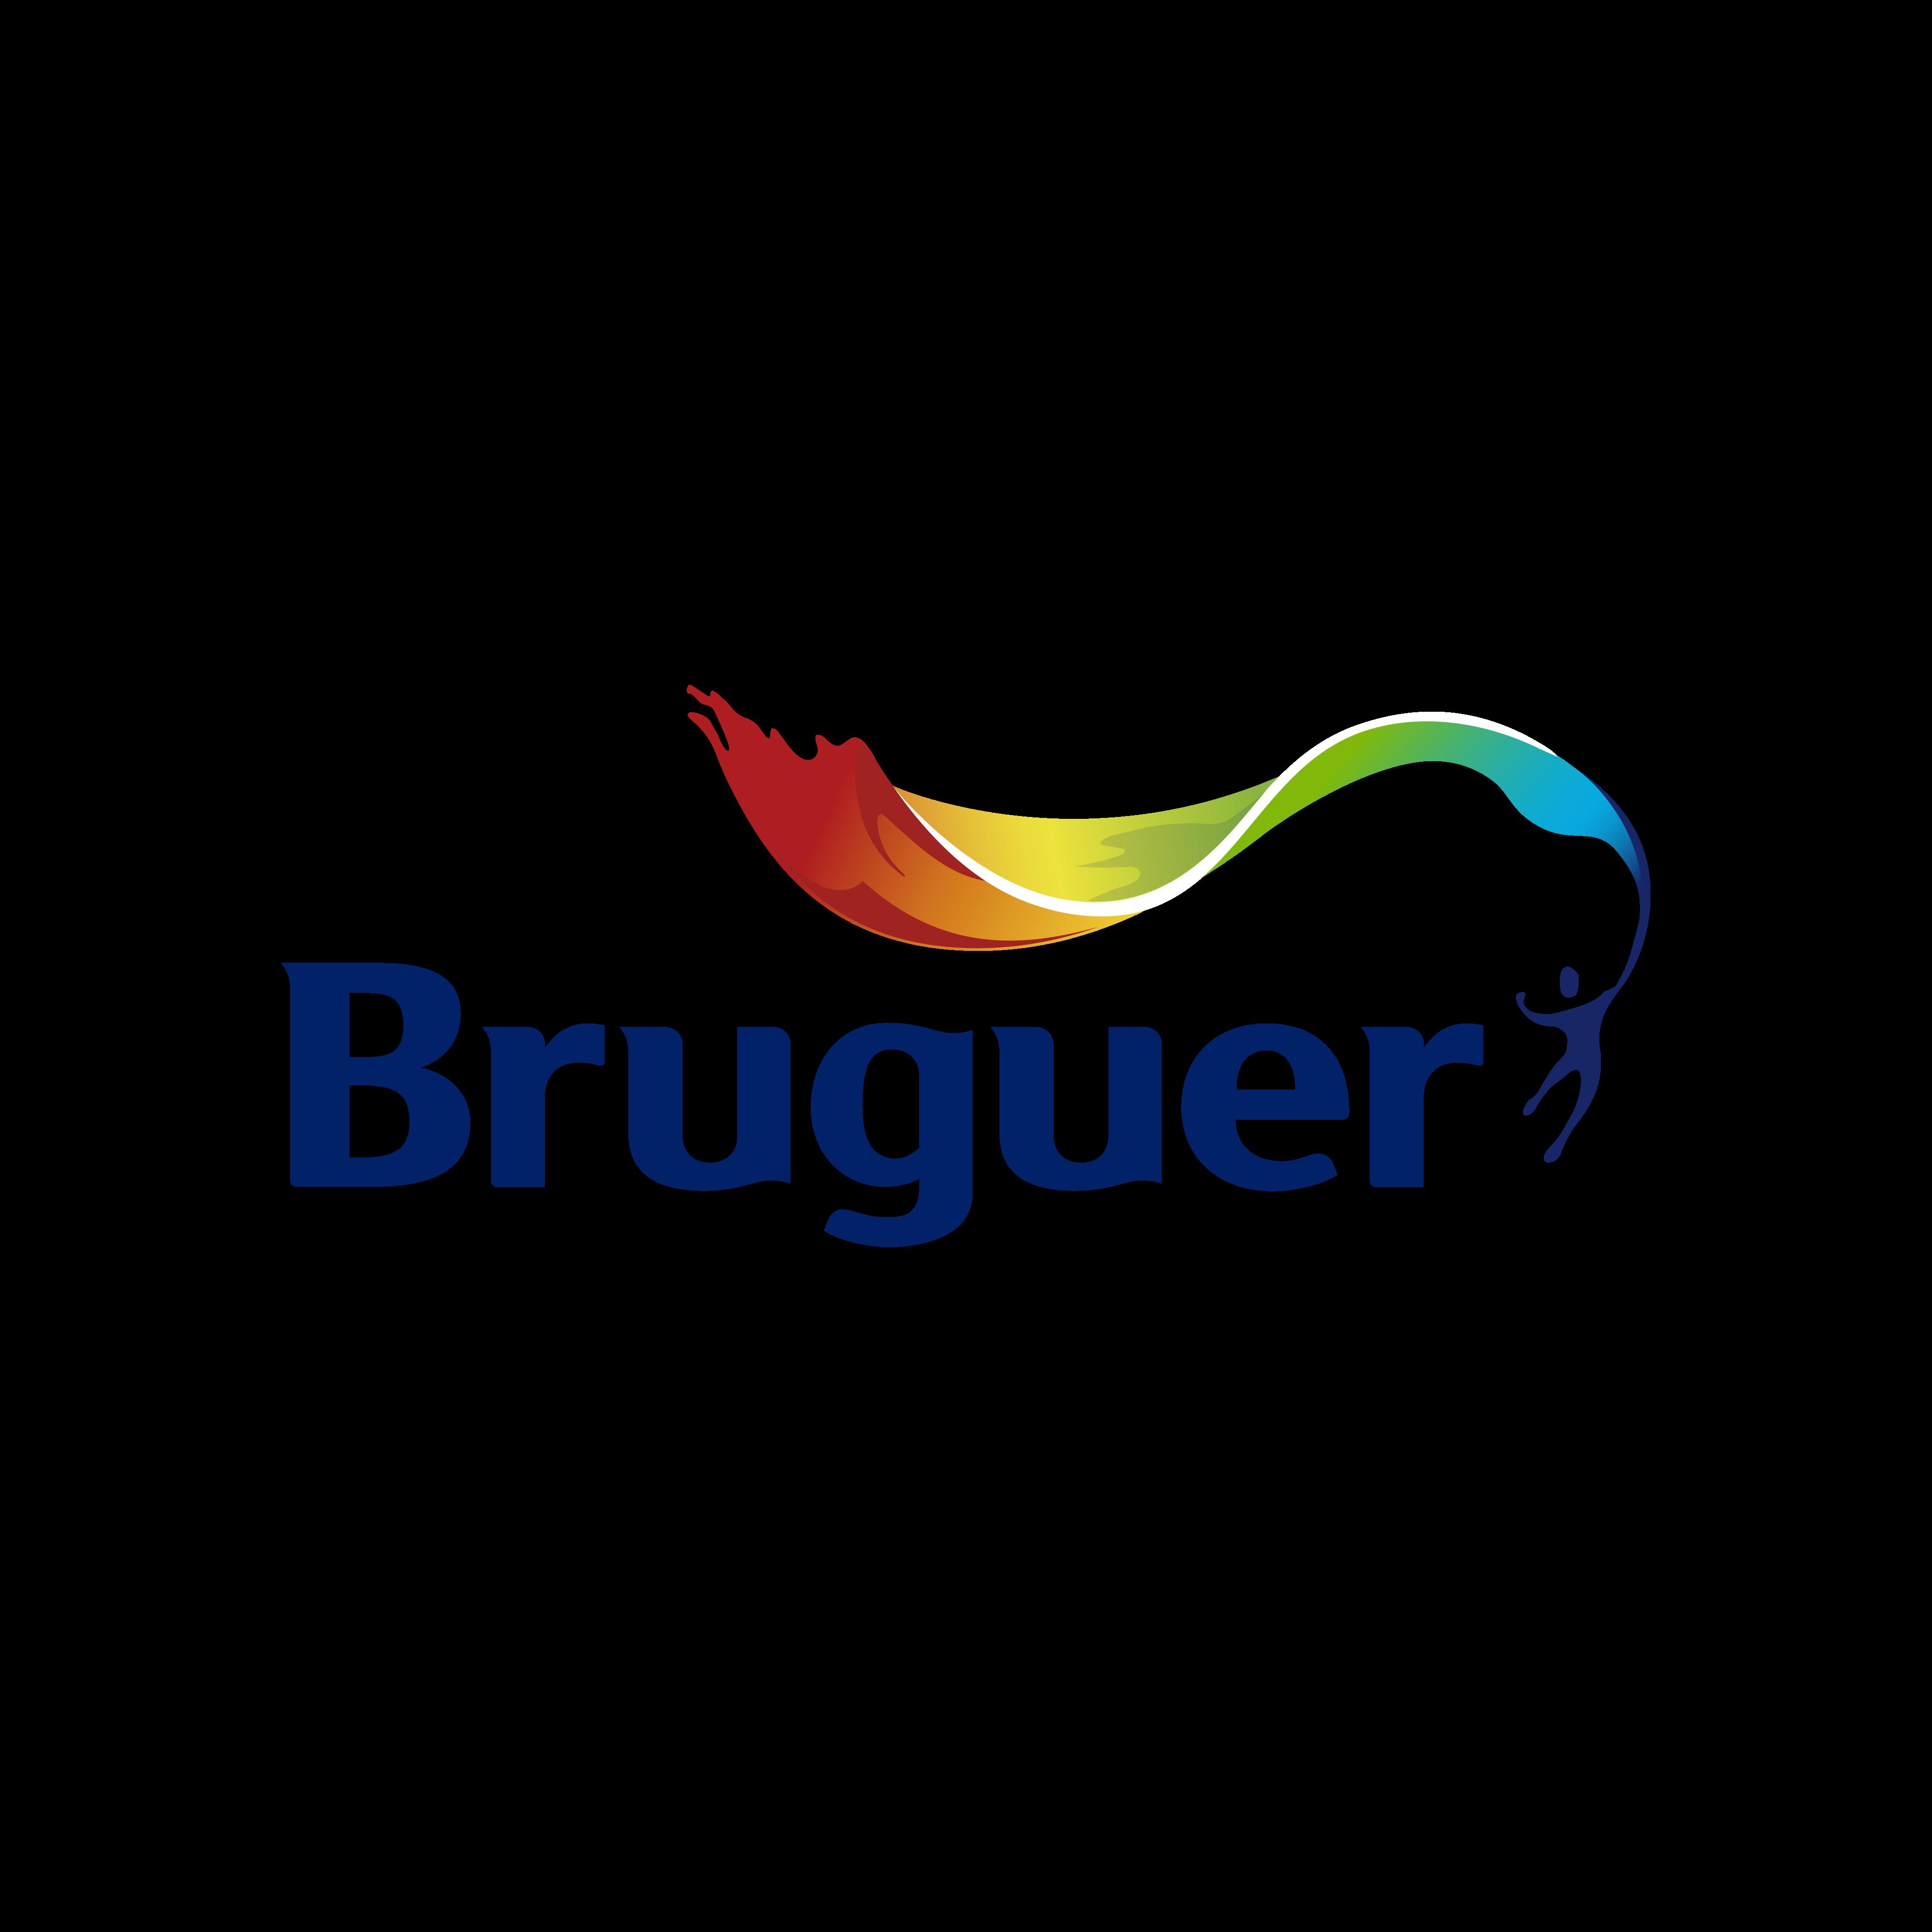 bruguer-logo-0